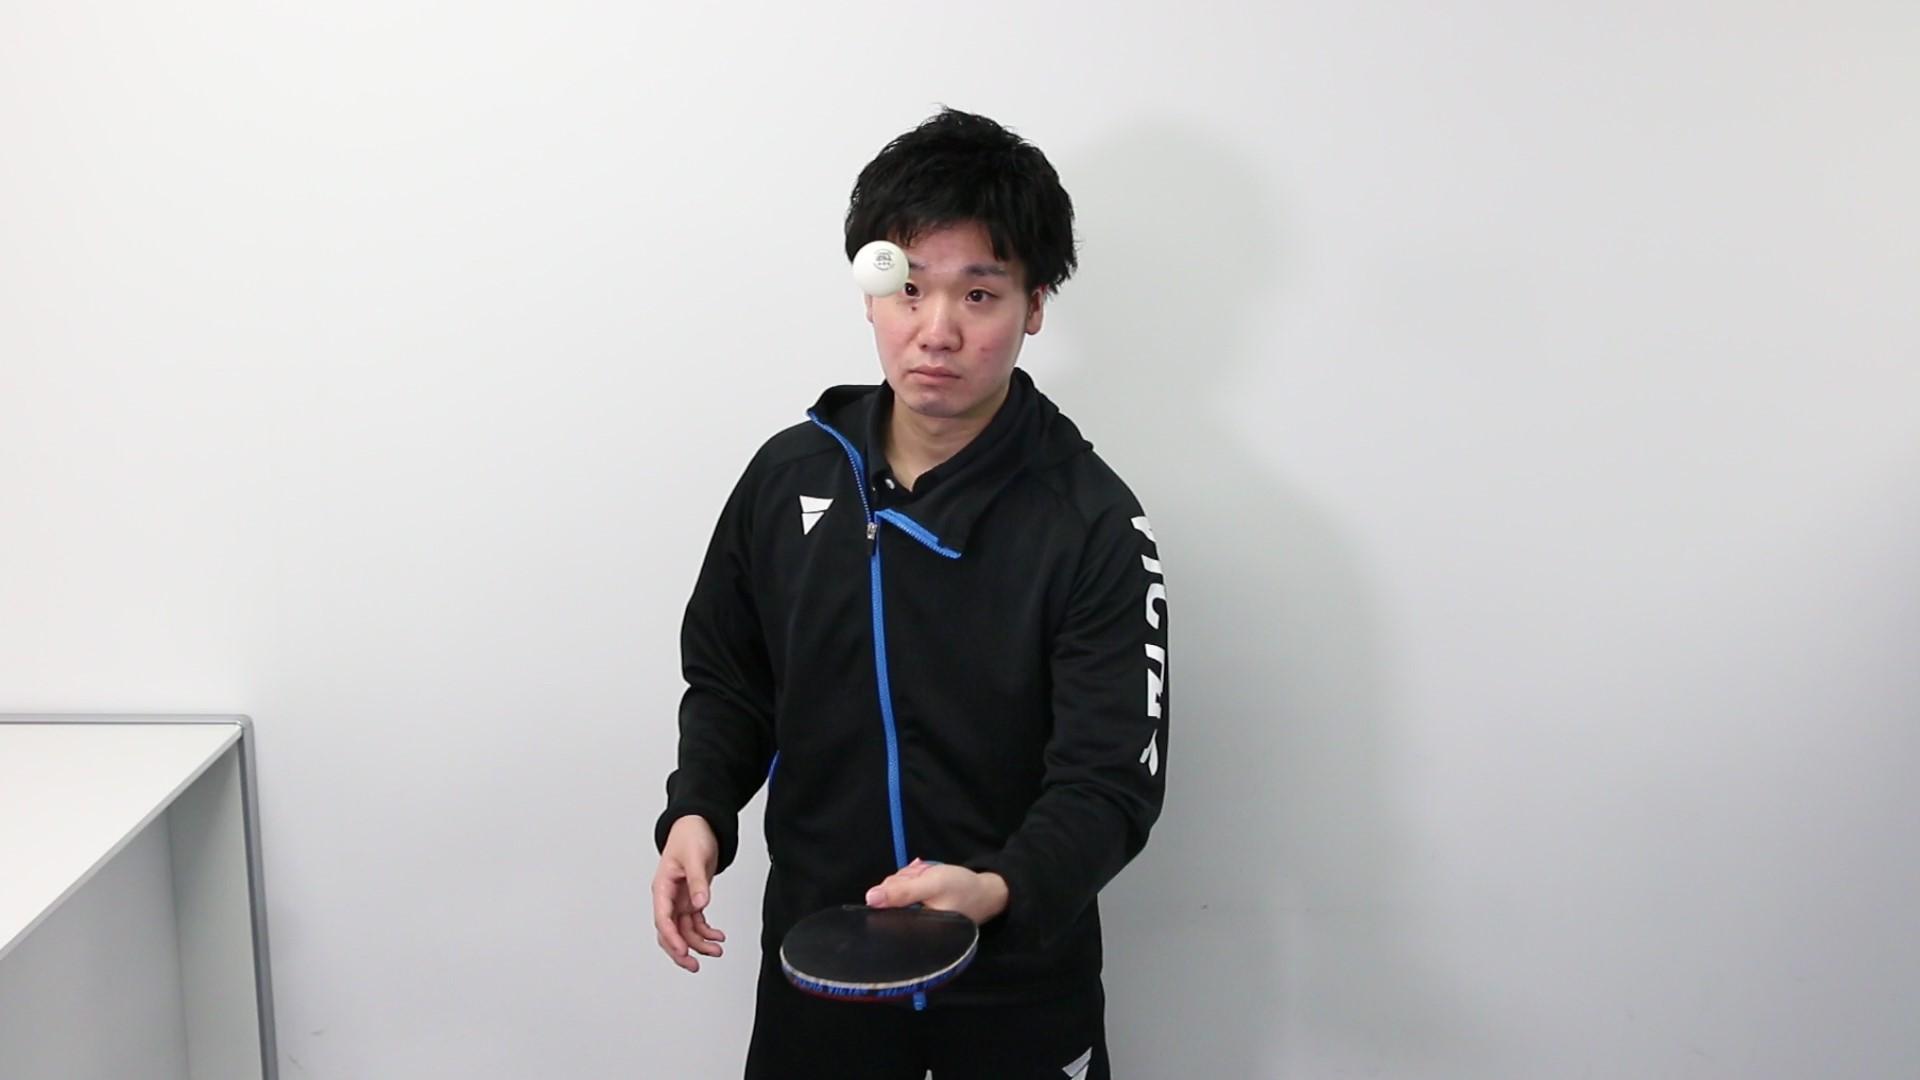 卓球 VICTAS 練習 家 ボールつき リフティング